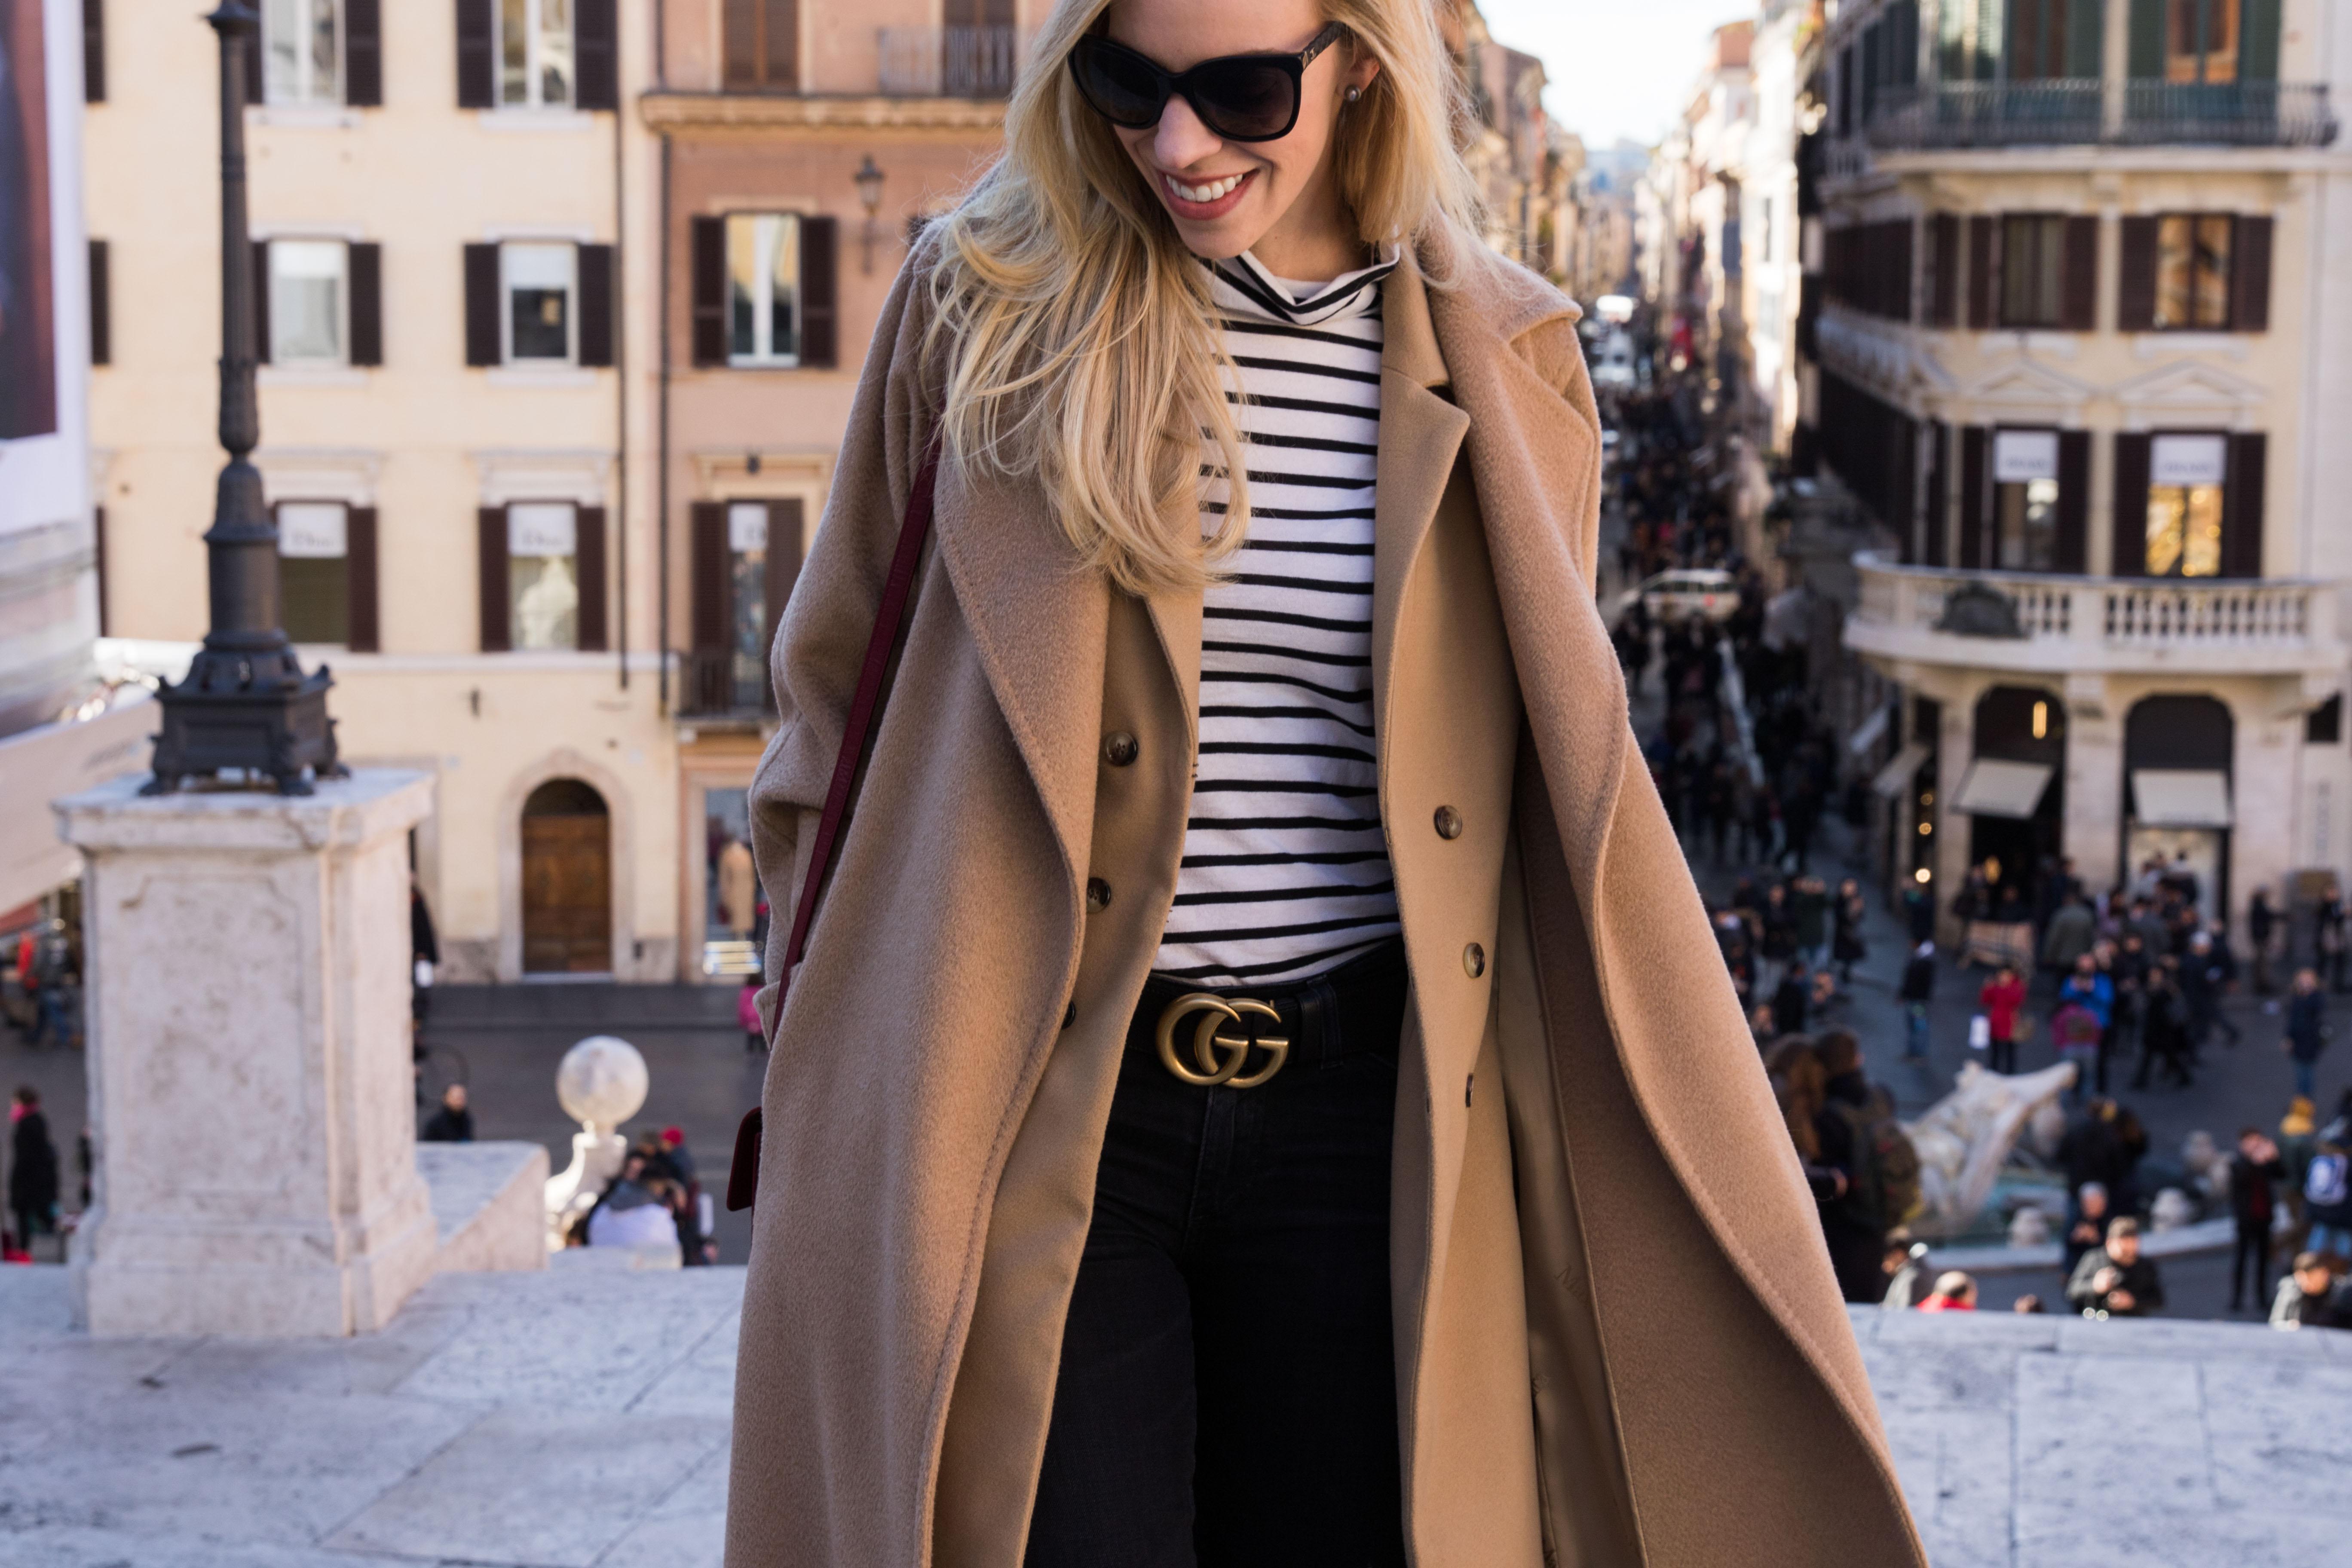 Piazza di spagna fashion blogger Rome Italy, where to designer shop in Rome Italy Via dei Condotti